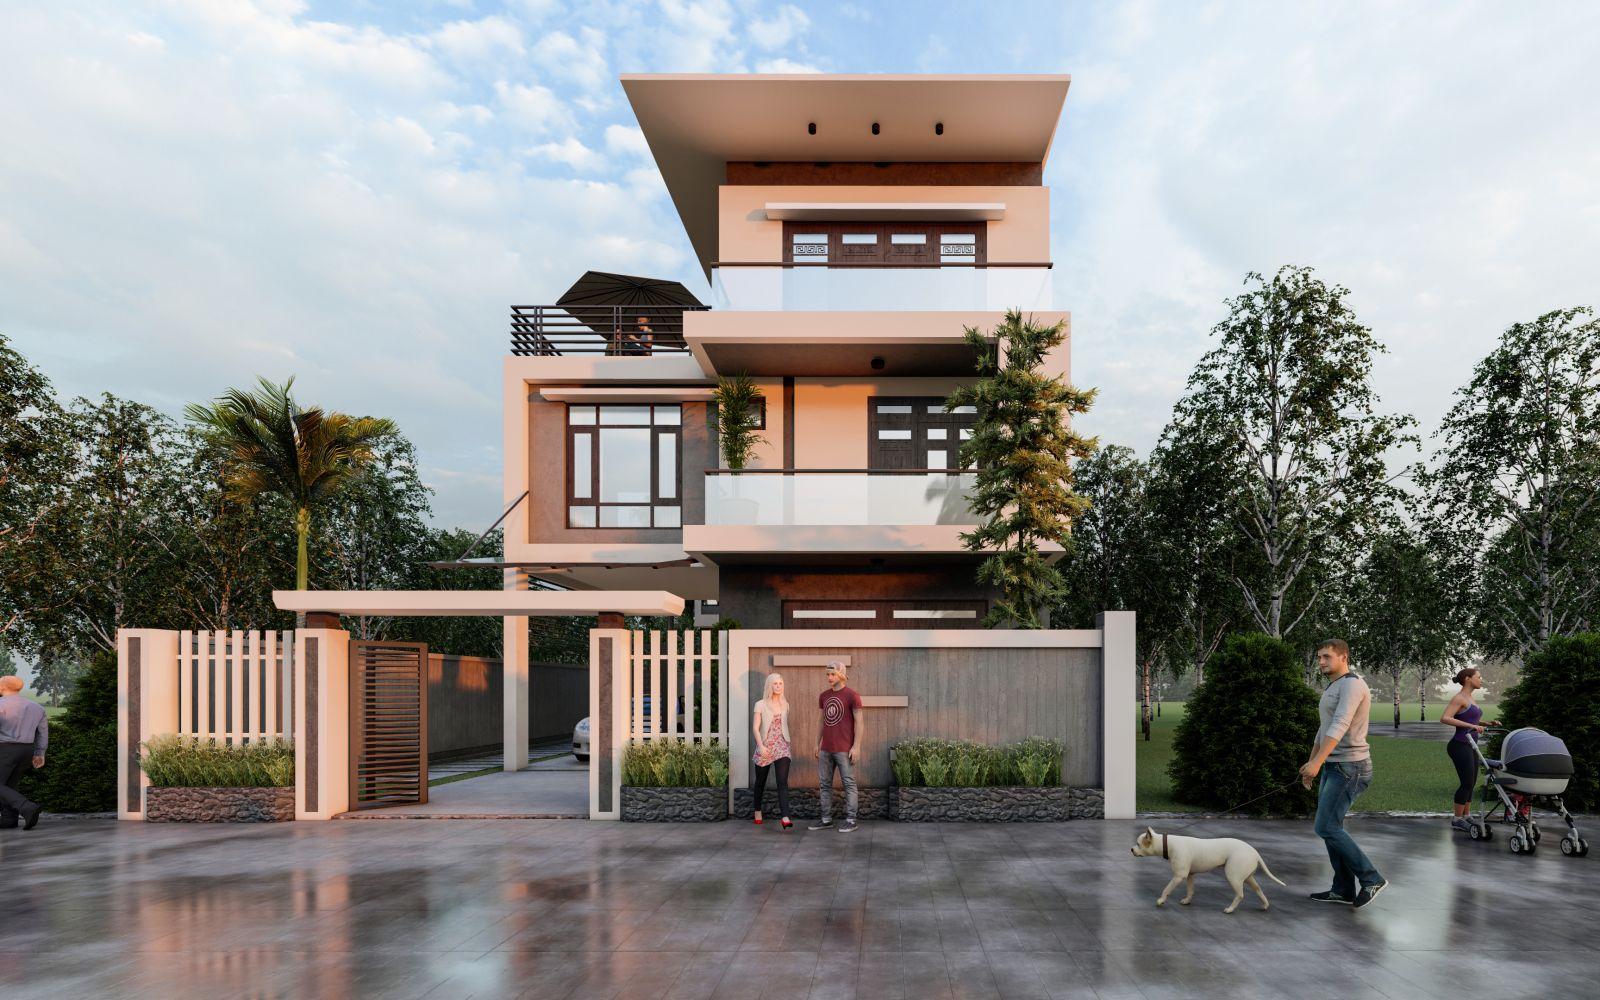 Thiết kế biệt thự hiện đại tại Quảng Bình